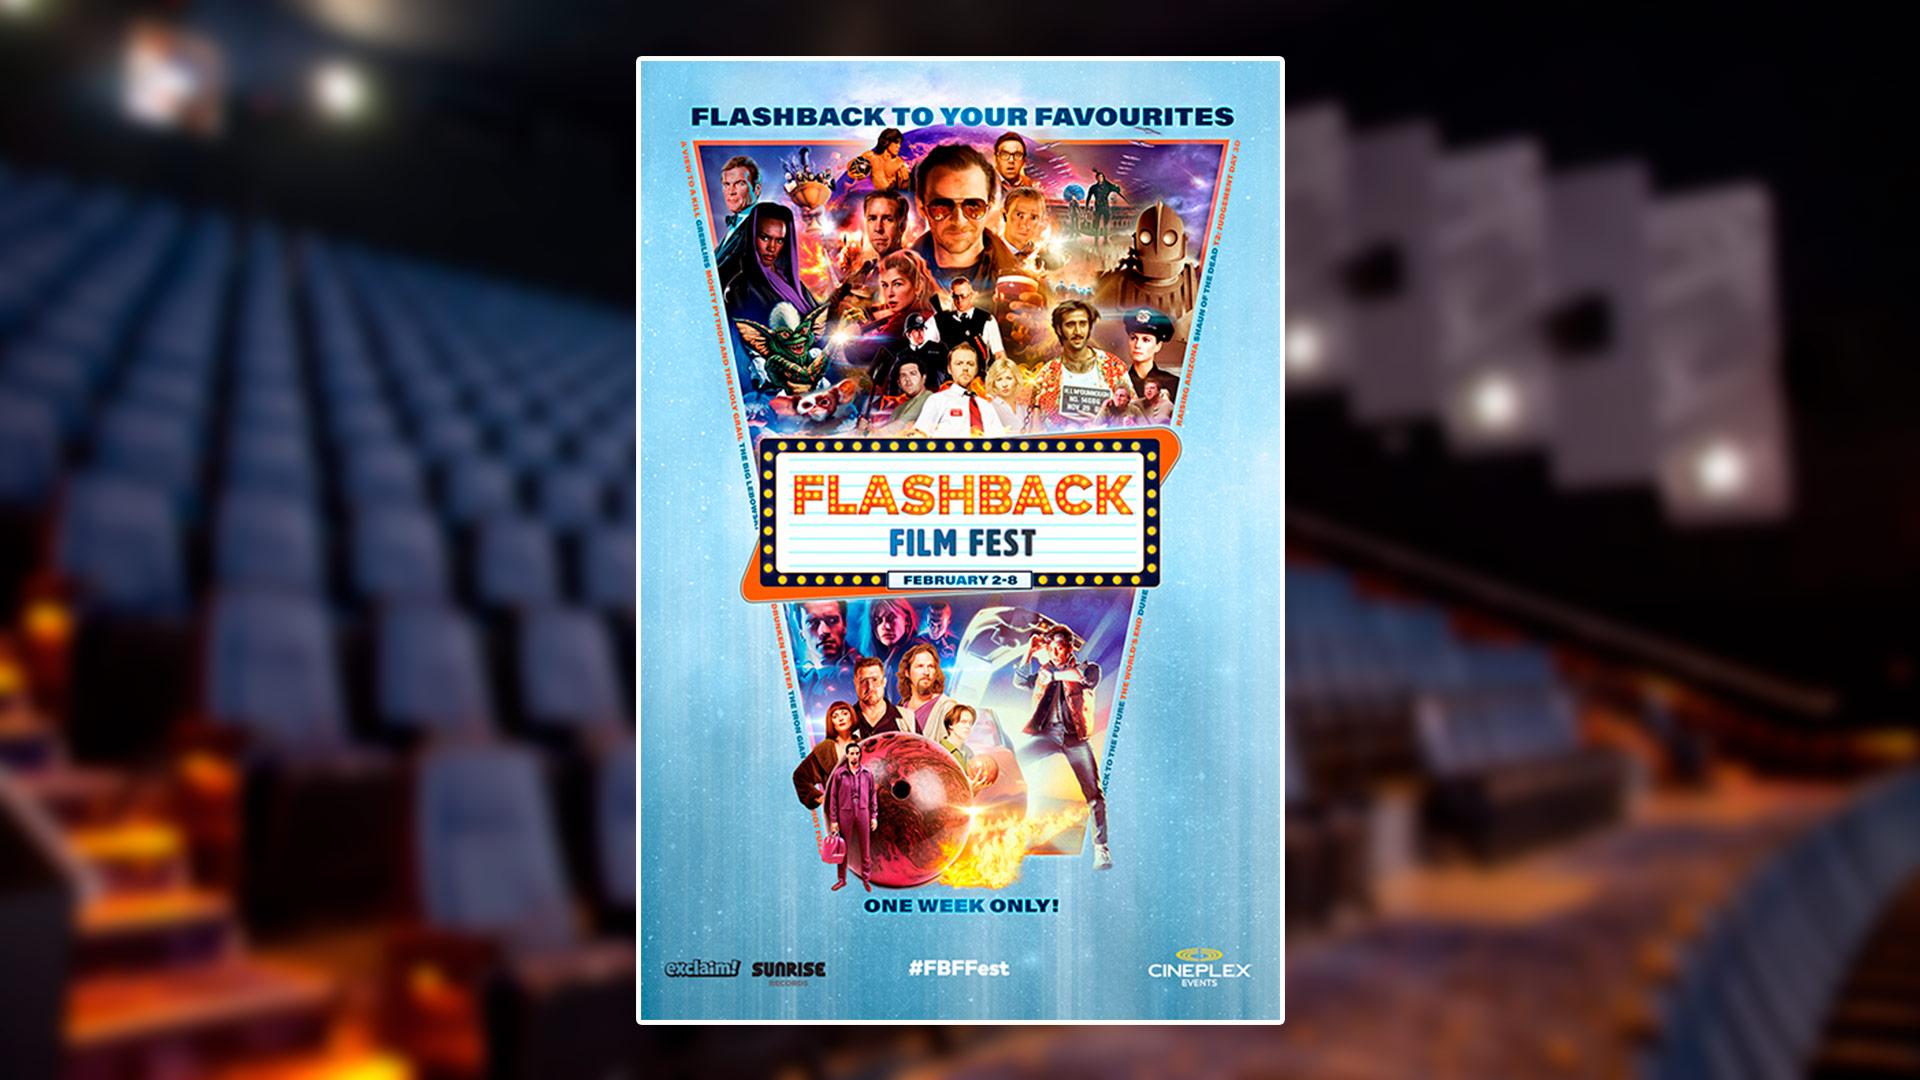 Le Festival Retromania/Flashback Film Fest est de retour du 2 au 8 février 2018